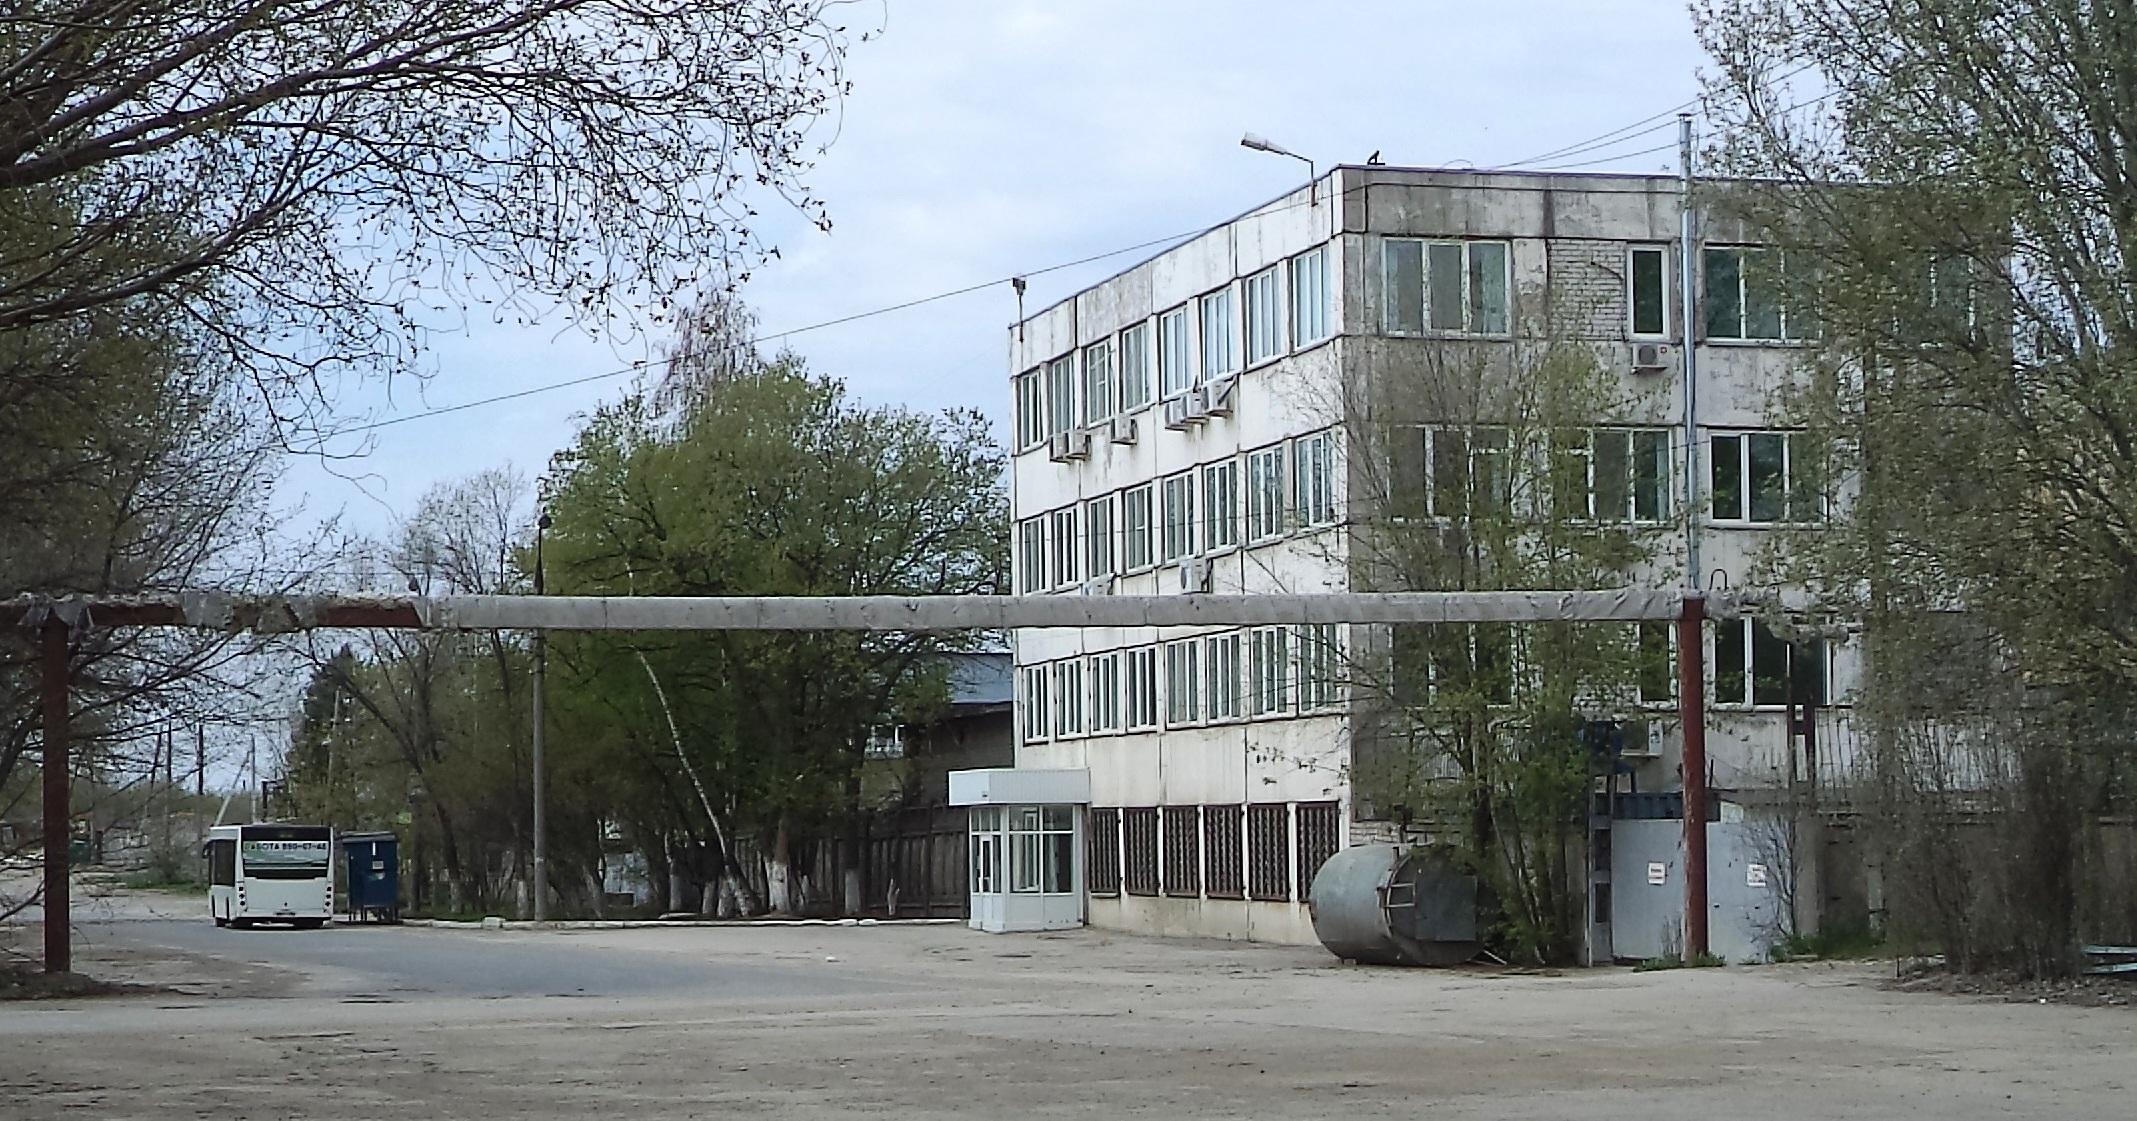 Про-Мясокомбинат-ФОТО-21-Профильная-на кольце 9-го автобуса